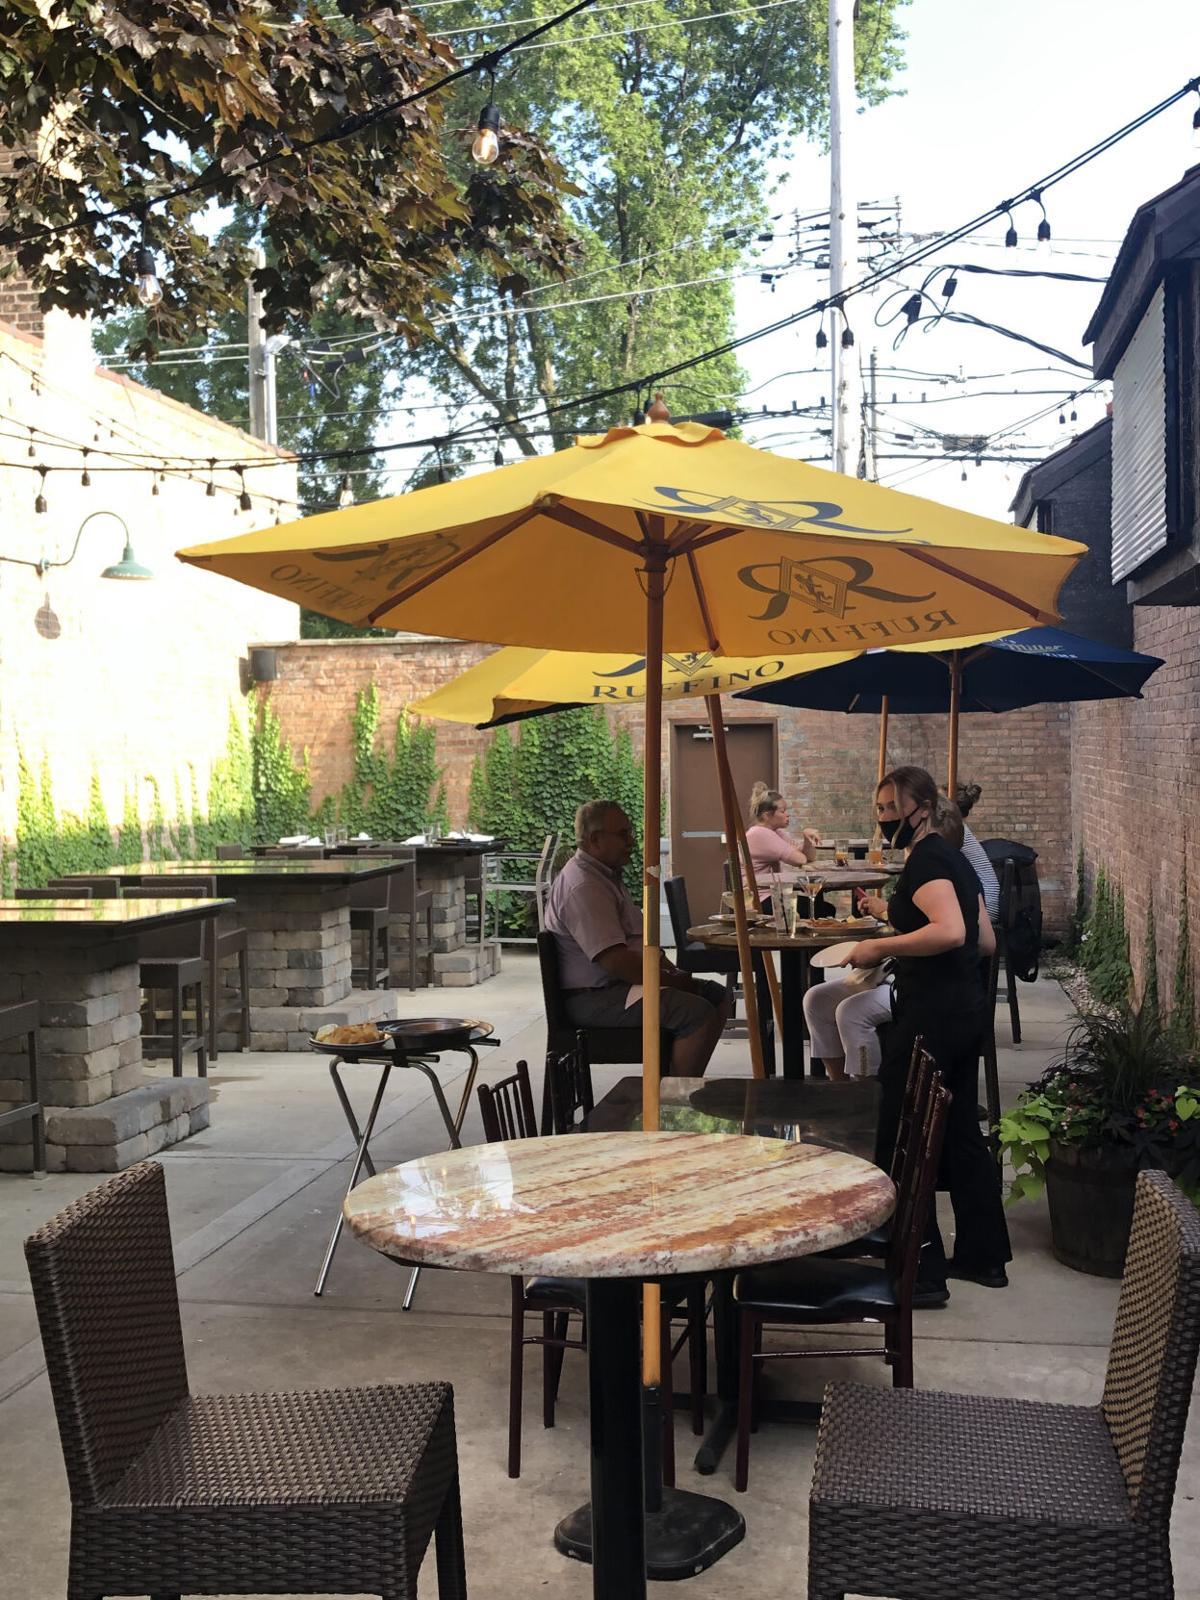 outdoor patio at Barraco's